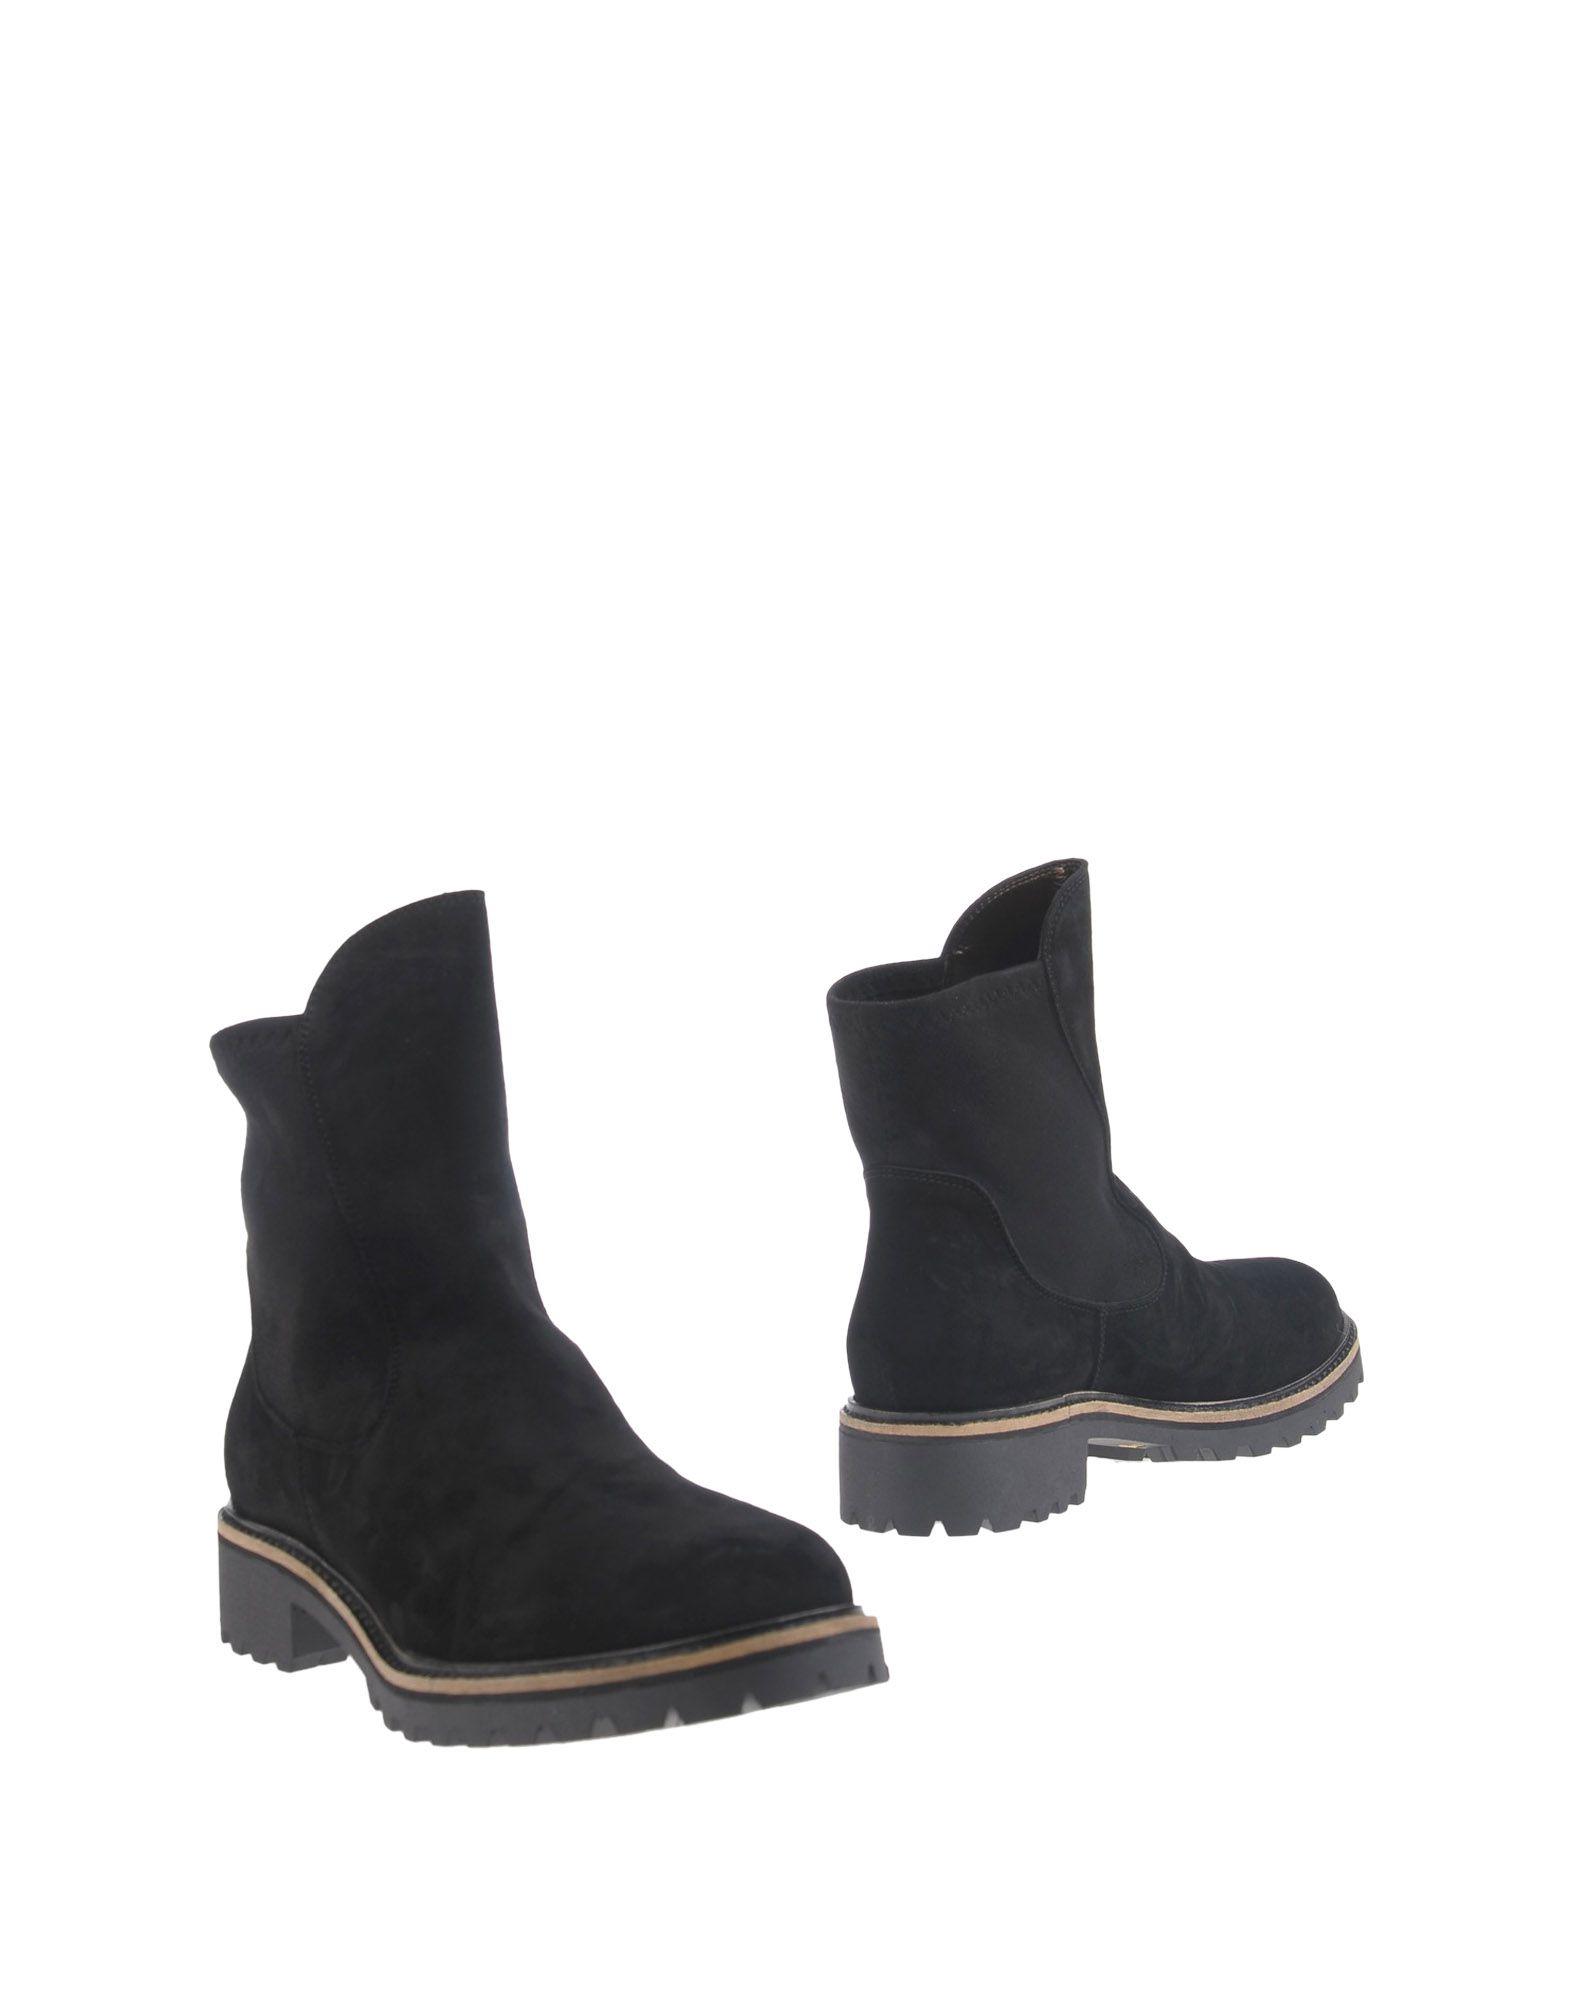 F.Lli Bruglia Ankle Boot - Women F.Lli on Bruglia Ankle Boots online on F.Lli  Australia - 11302295SP 315ace